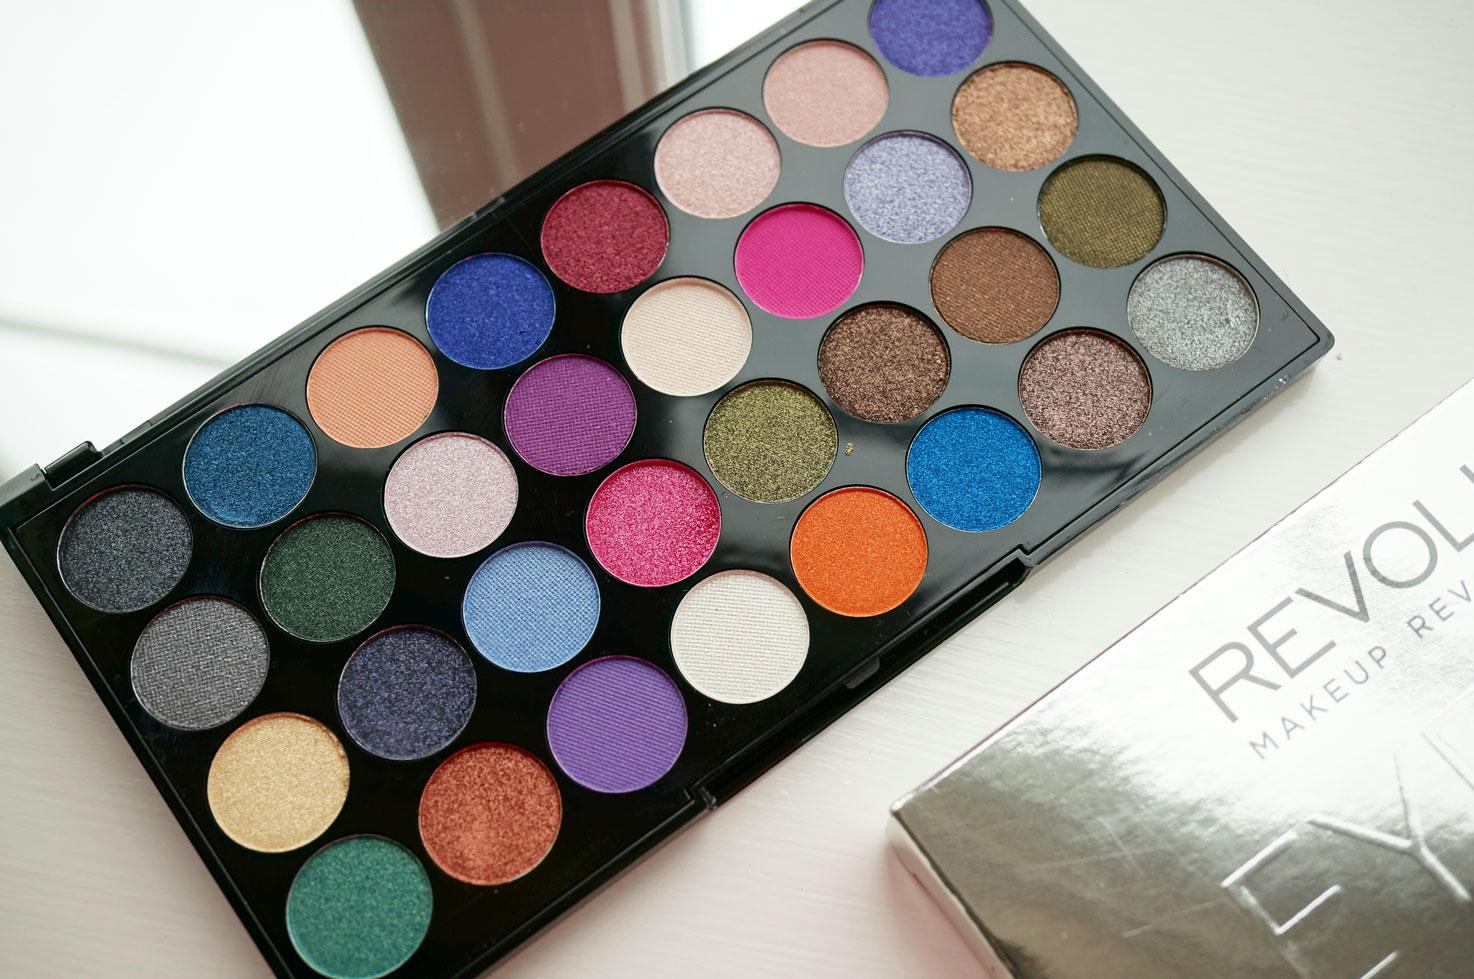 revolution wish list on pinterest makeup revolution. Black Bedroom Furniture Sets. Home Design Ideas